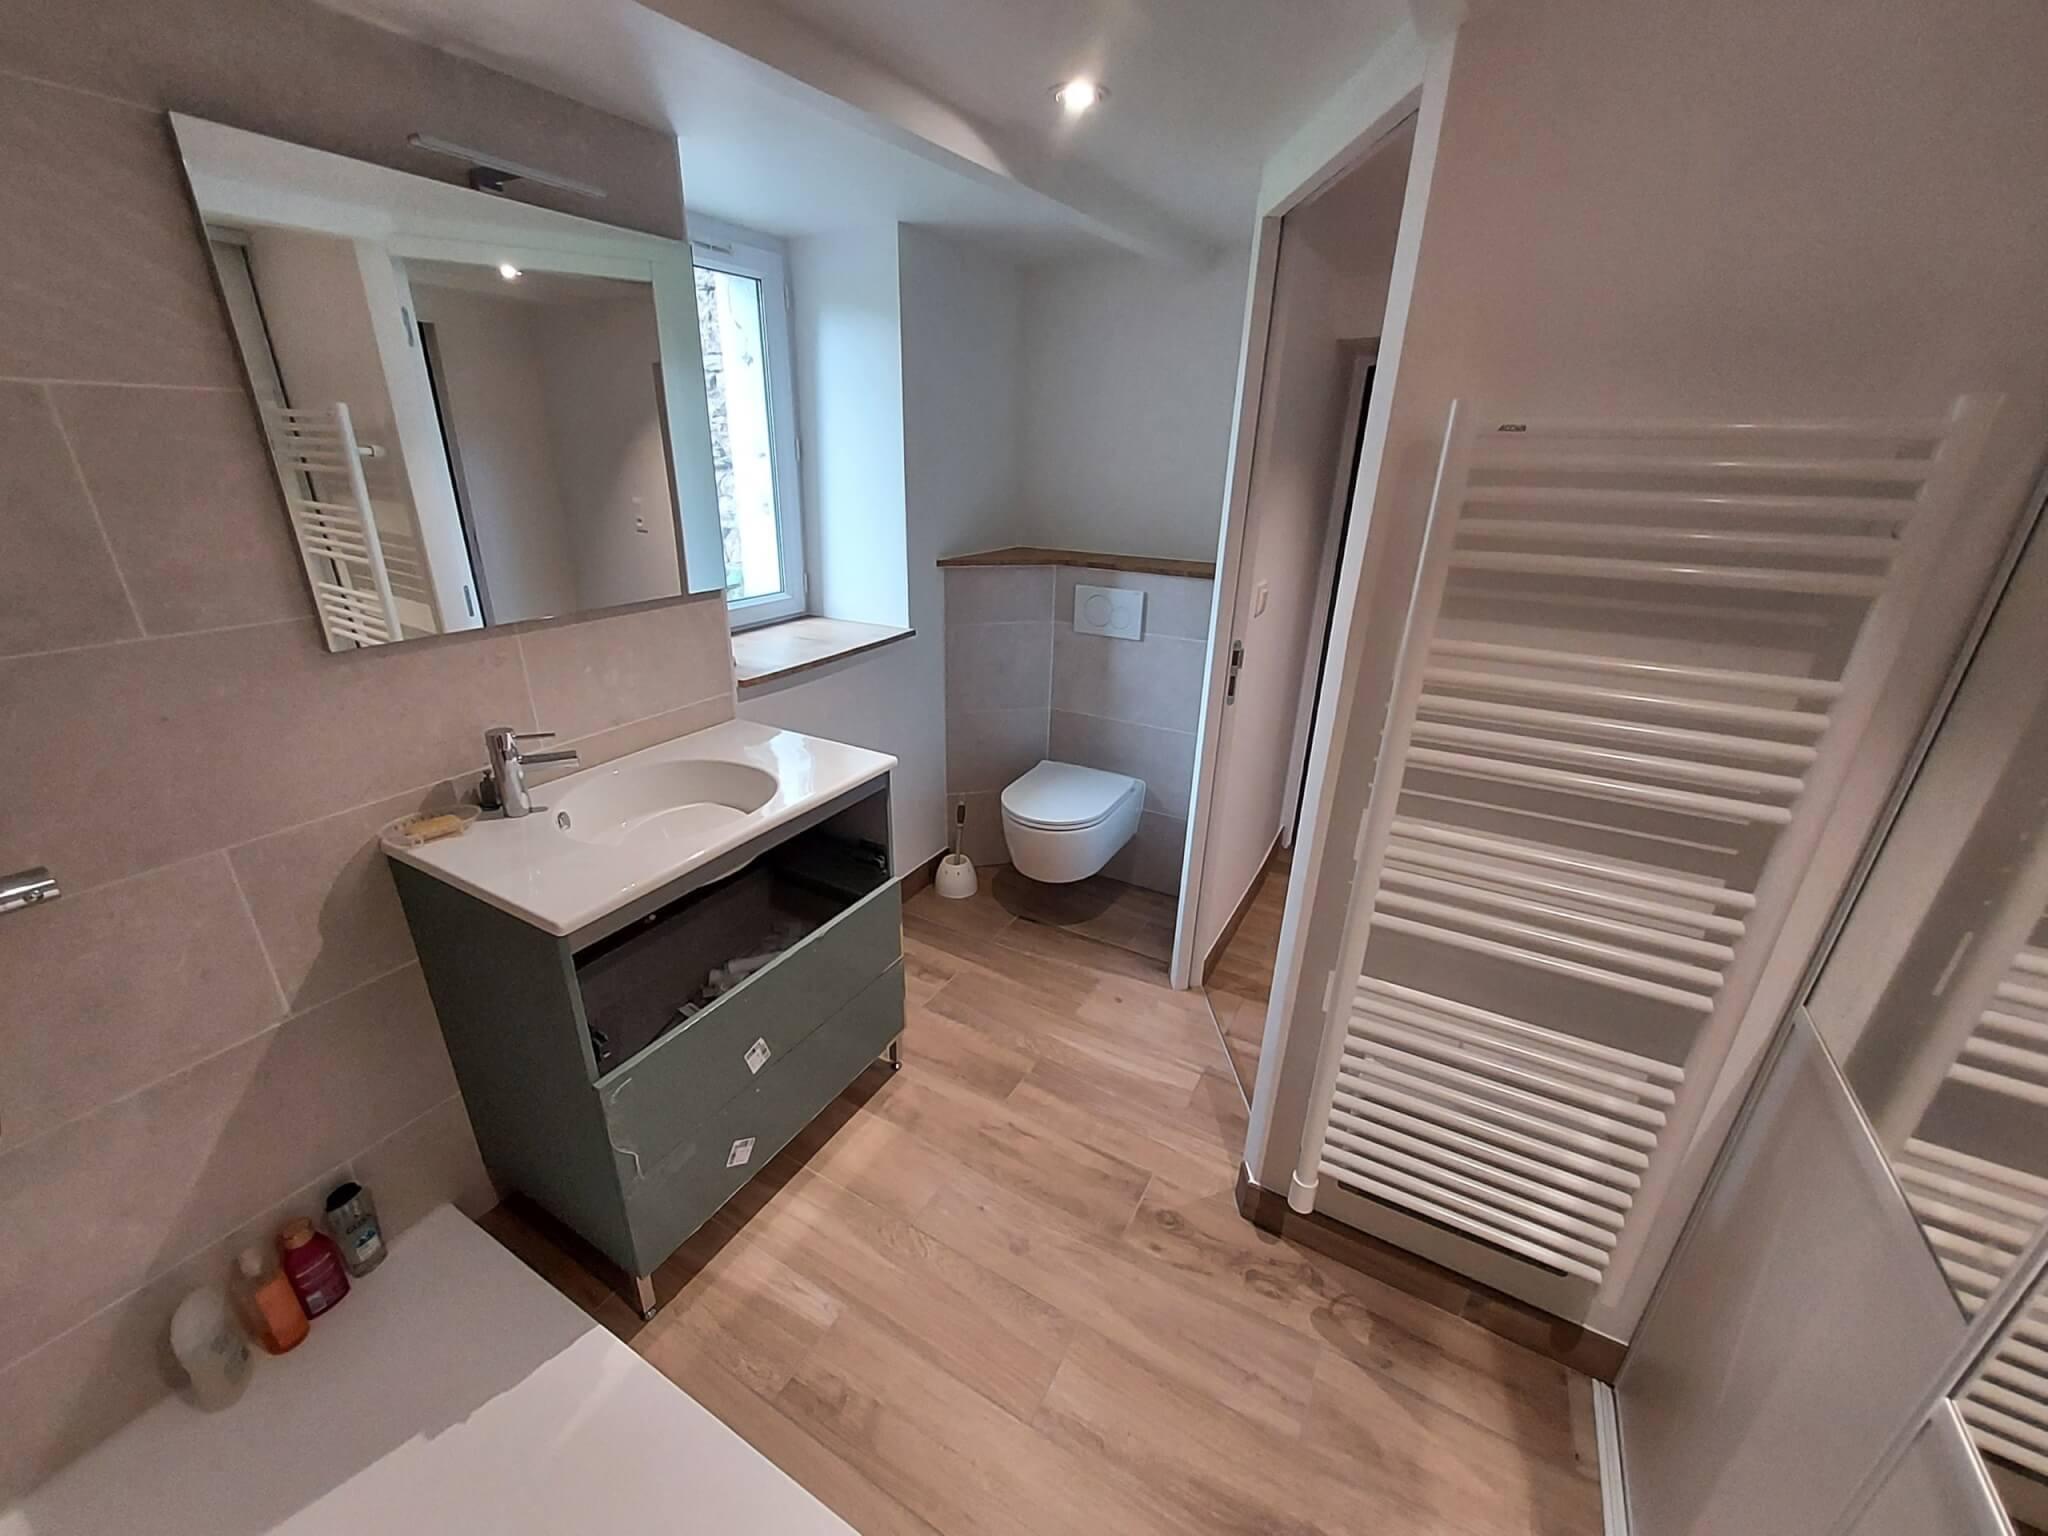 rénovation salle de bains - ARTISAN BERNARD BINDE BEIGNON